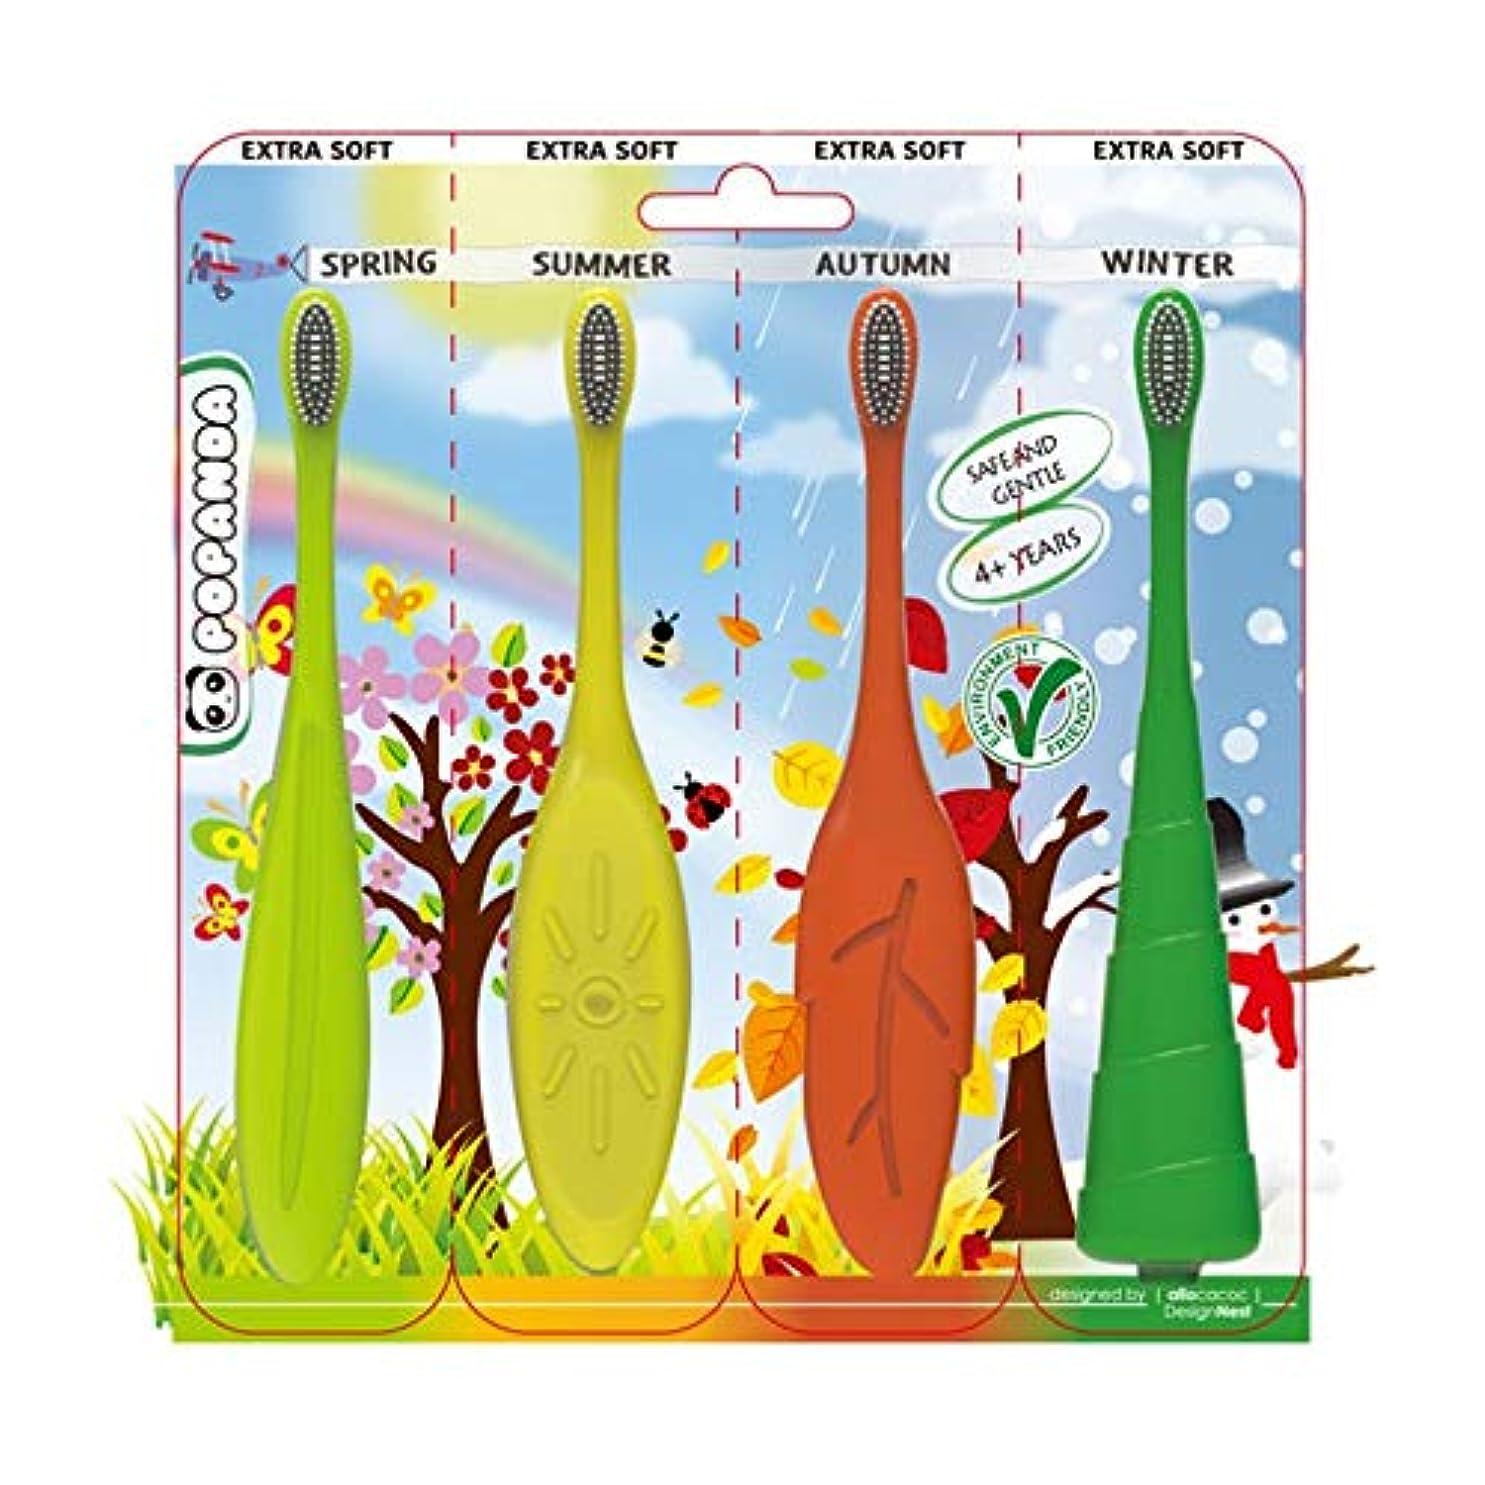 確立愛情深い恥(4個) Baby 幼児 四季 シリコン歯ブラシ Set Baby Kid's Gift Seasonal Silicone Toothbrush 並行輸入